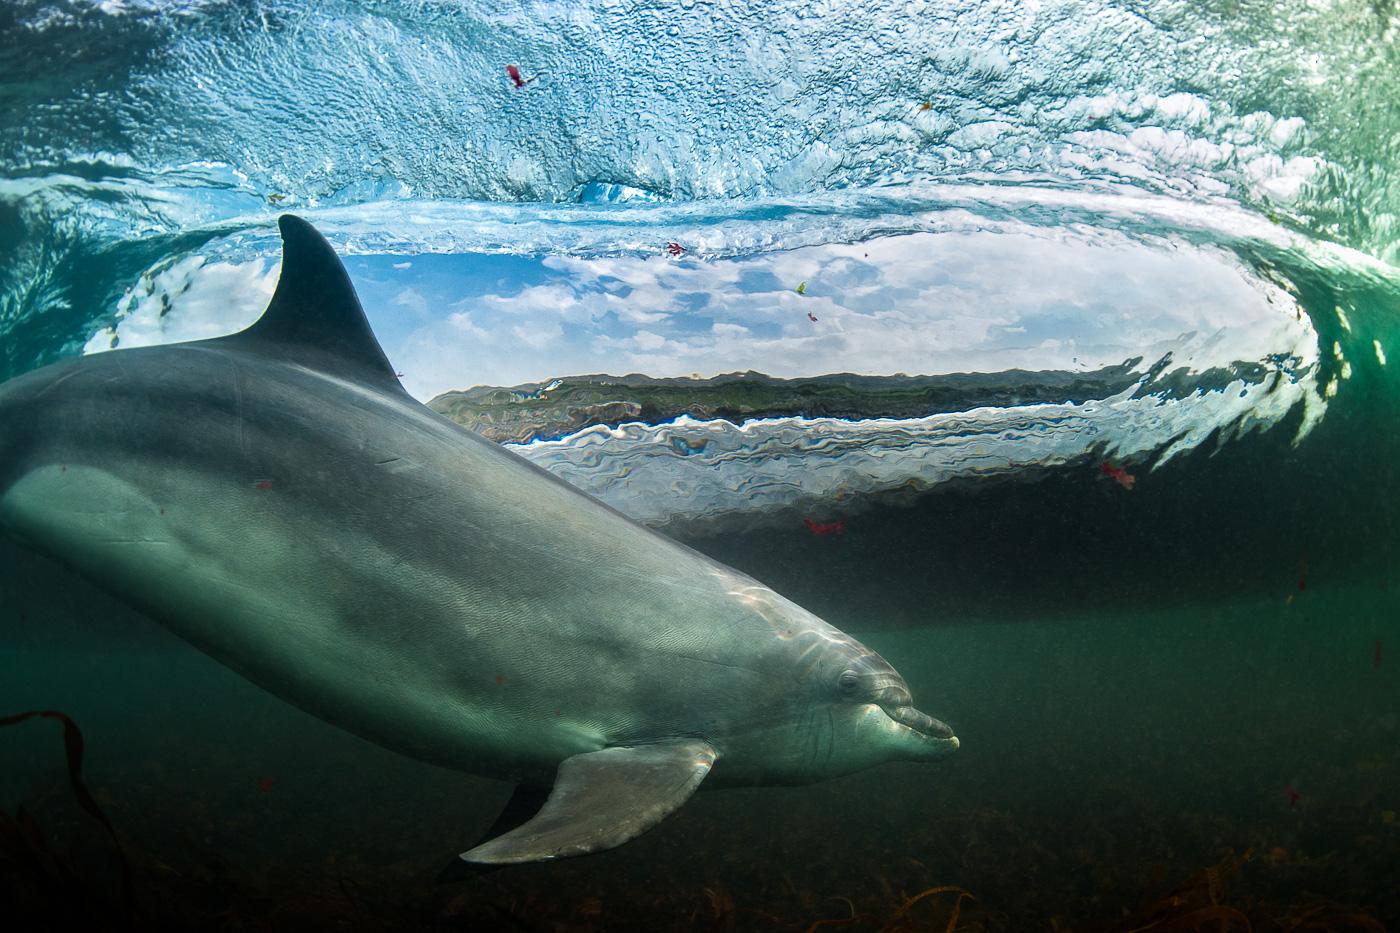 surfing dolphin underwater picture